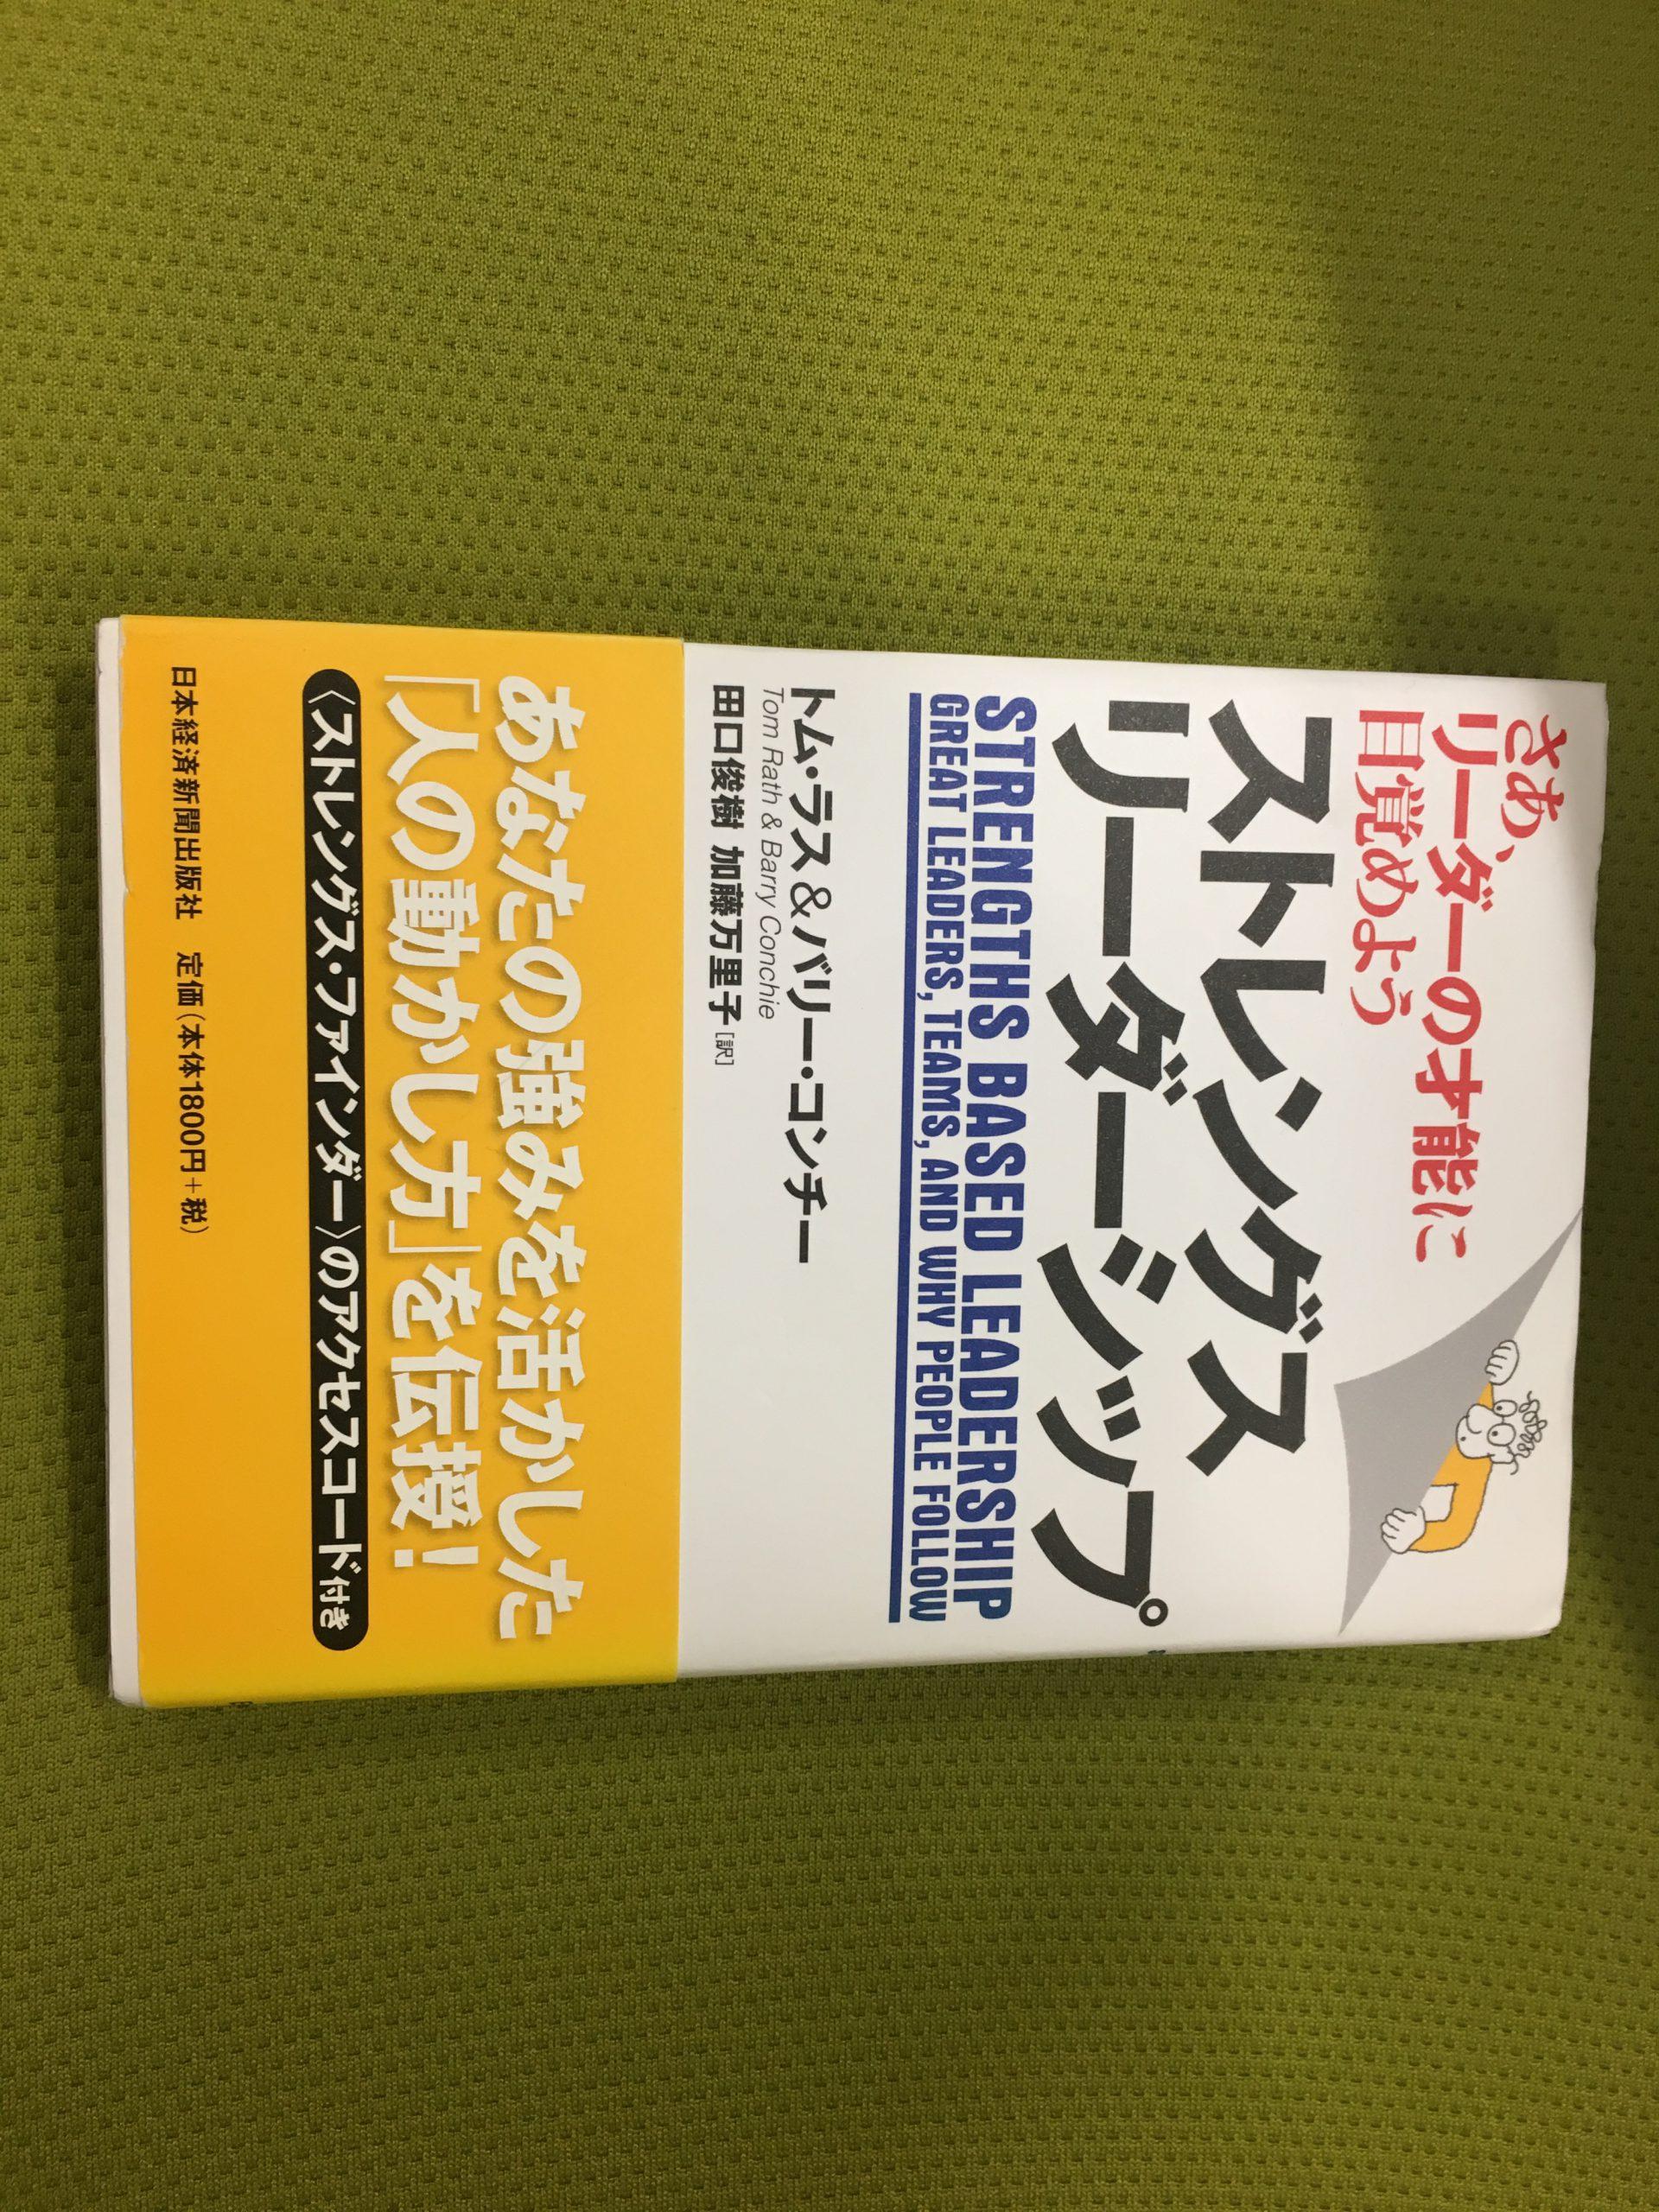 来たよ!re:Invent〜展示エリア(Central)を楽しもう編〜